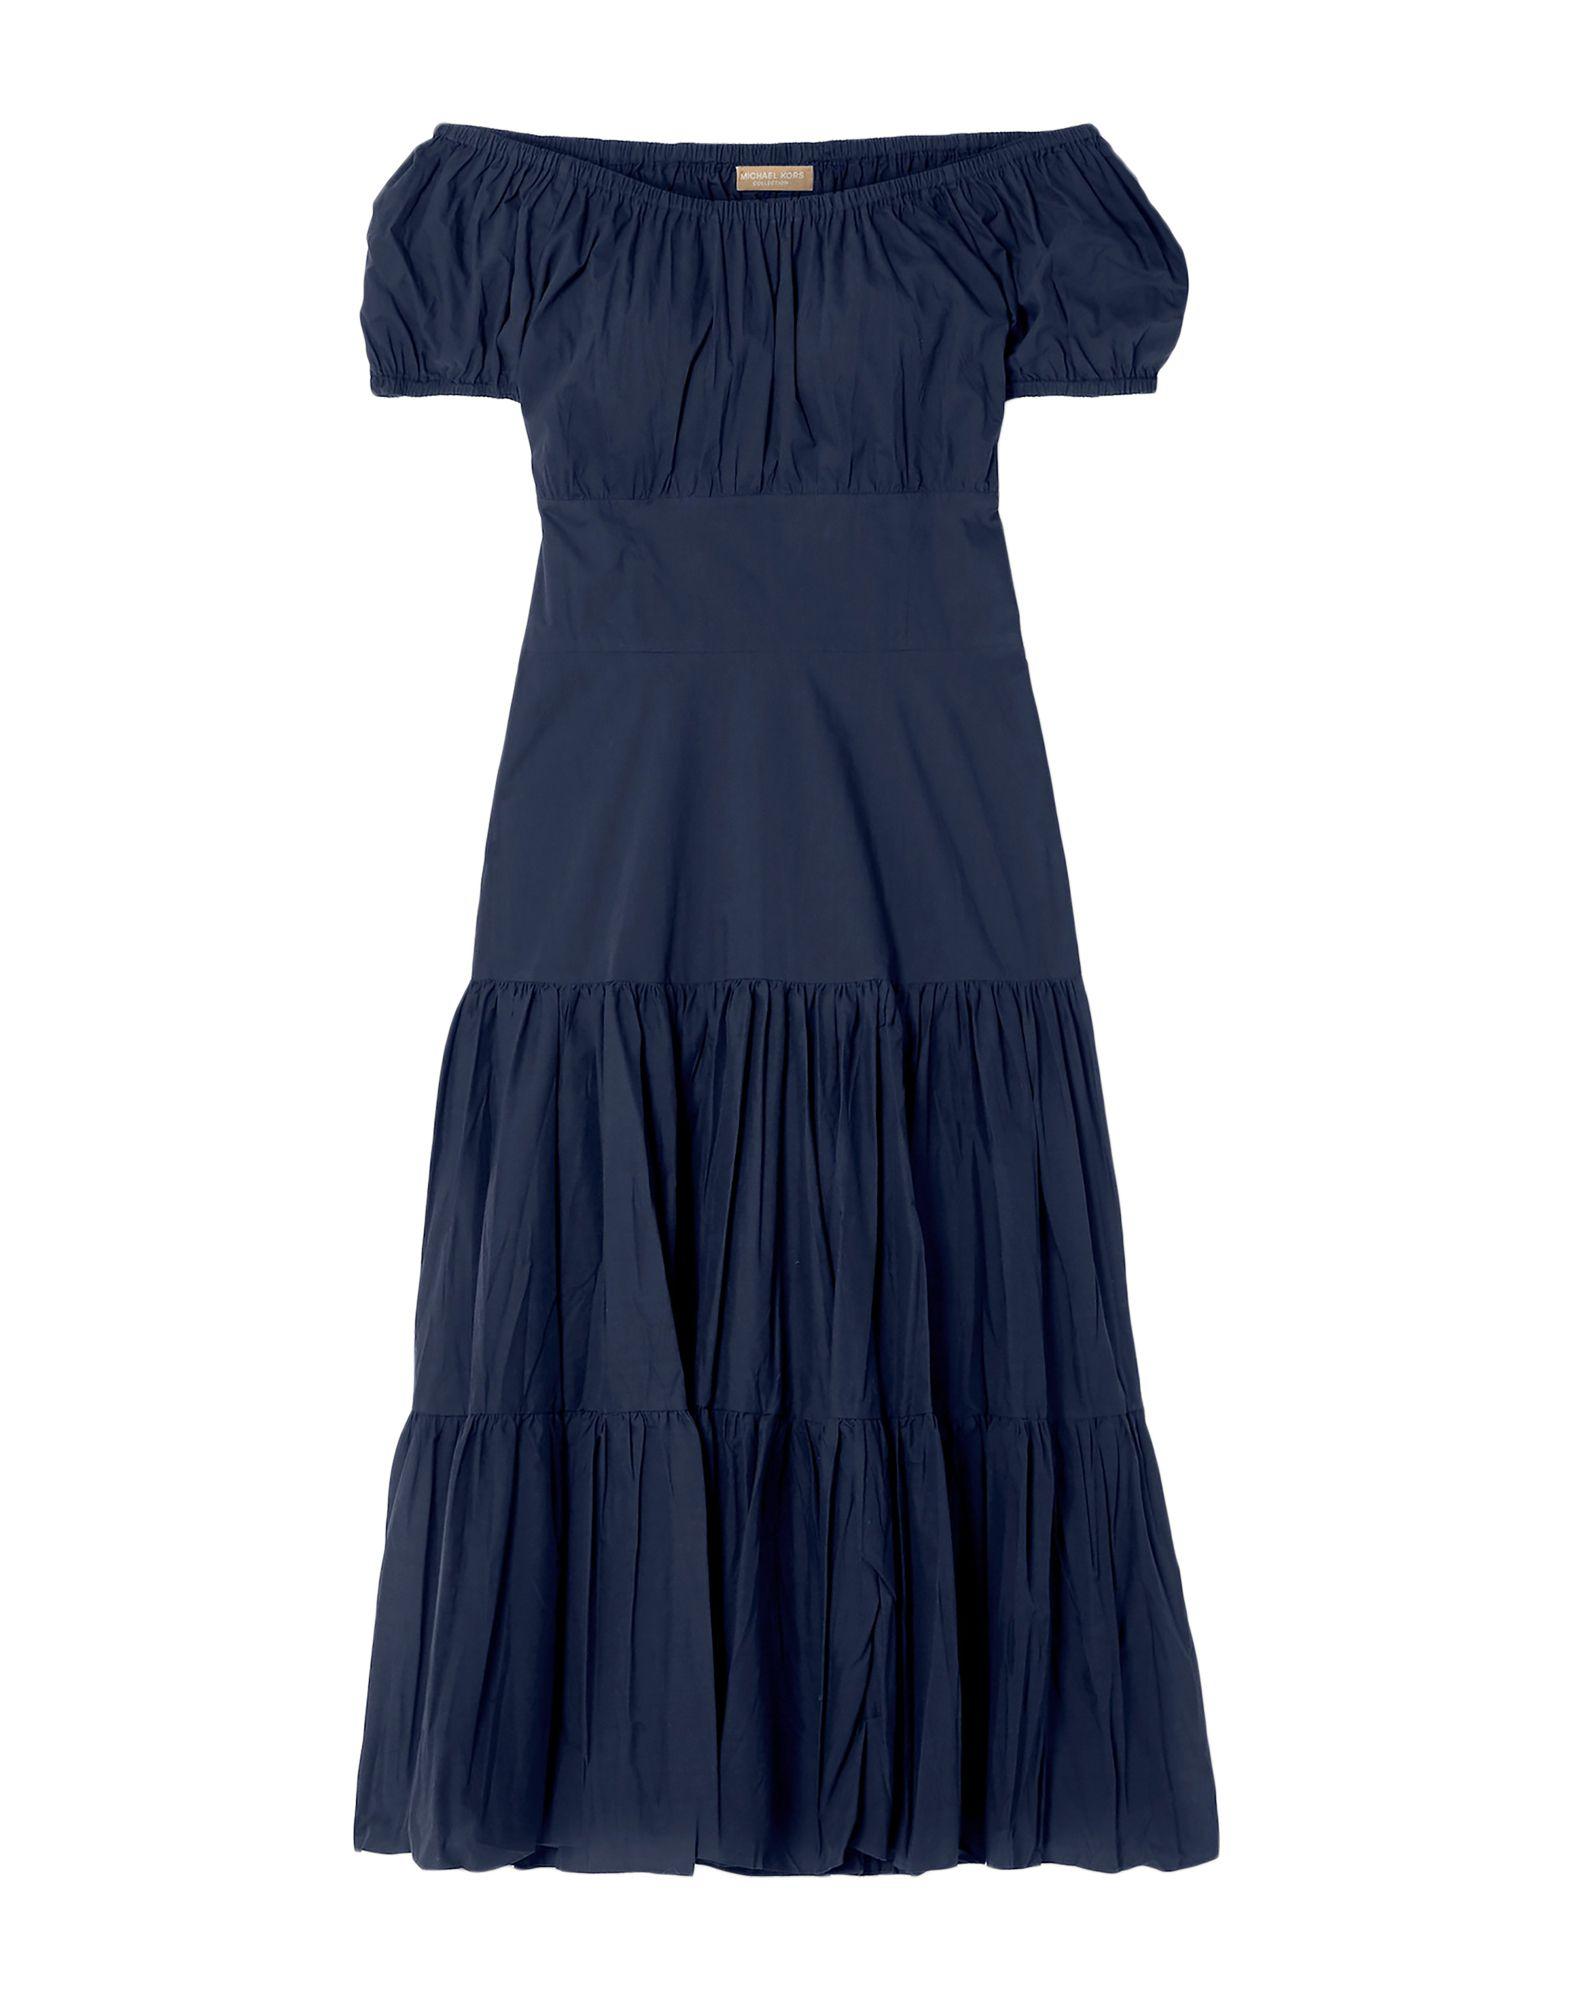 Фото - MICHAEL KORS COLLECTION Платье длиной 3/4 michael kors collection юбка длиной 3 4